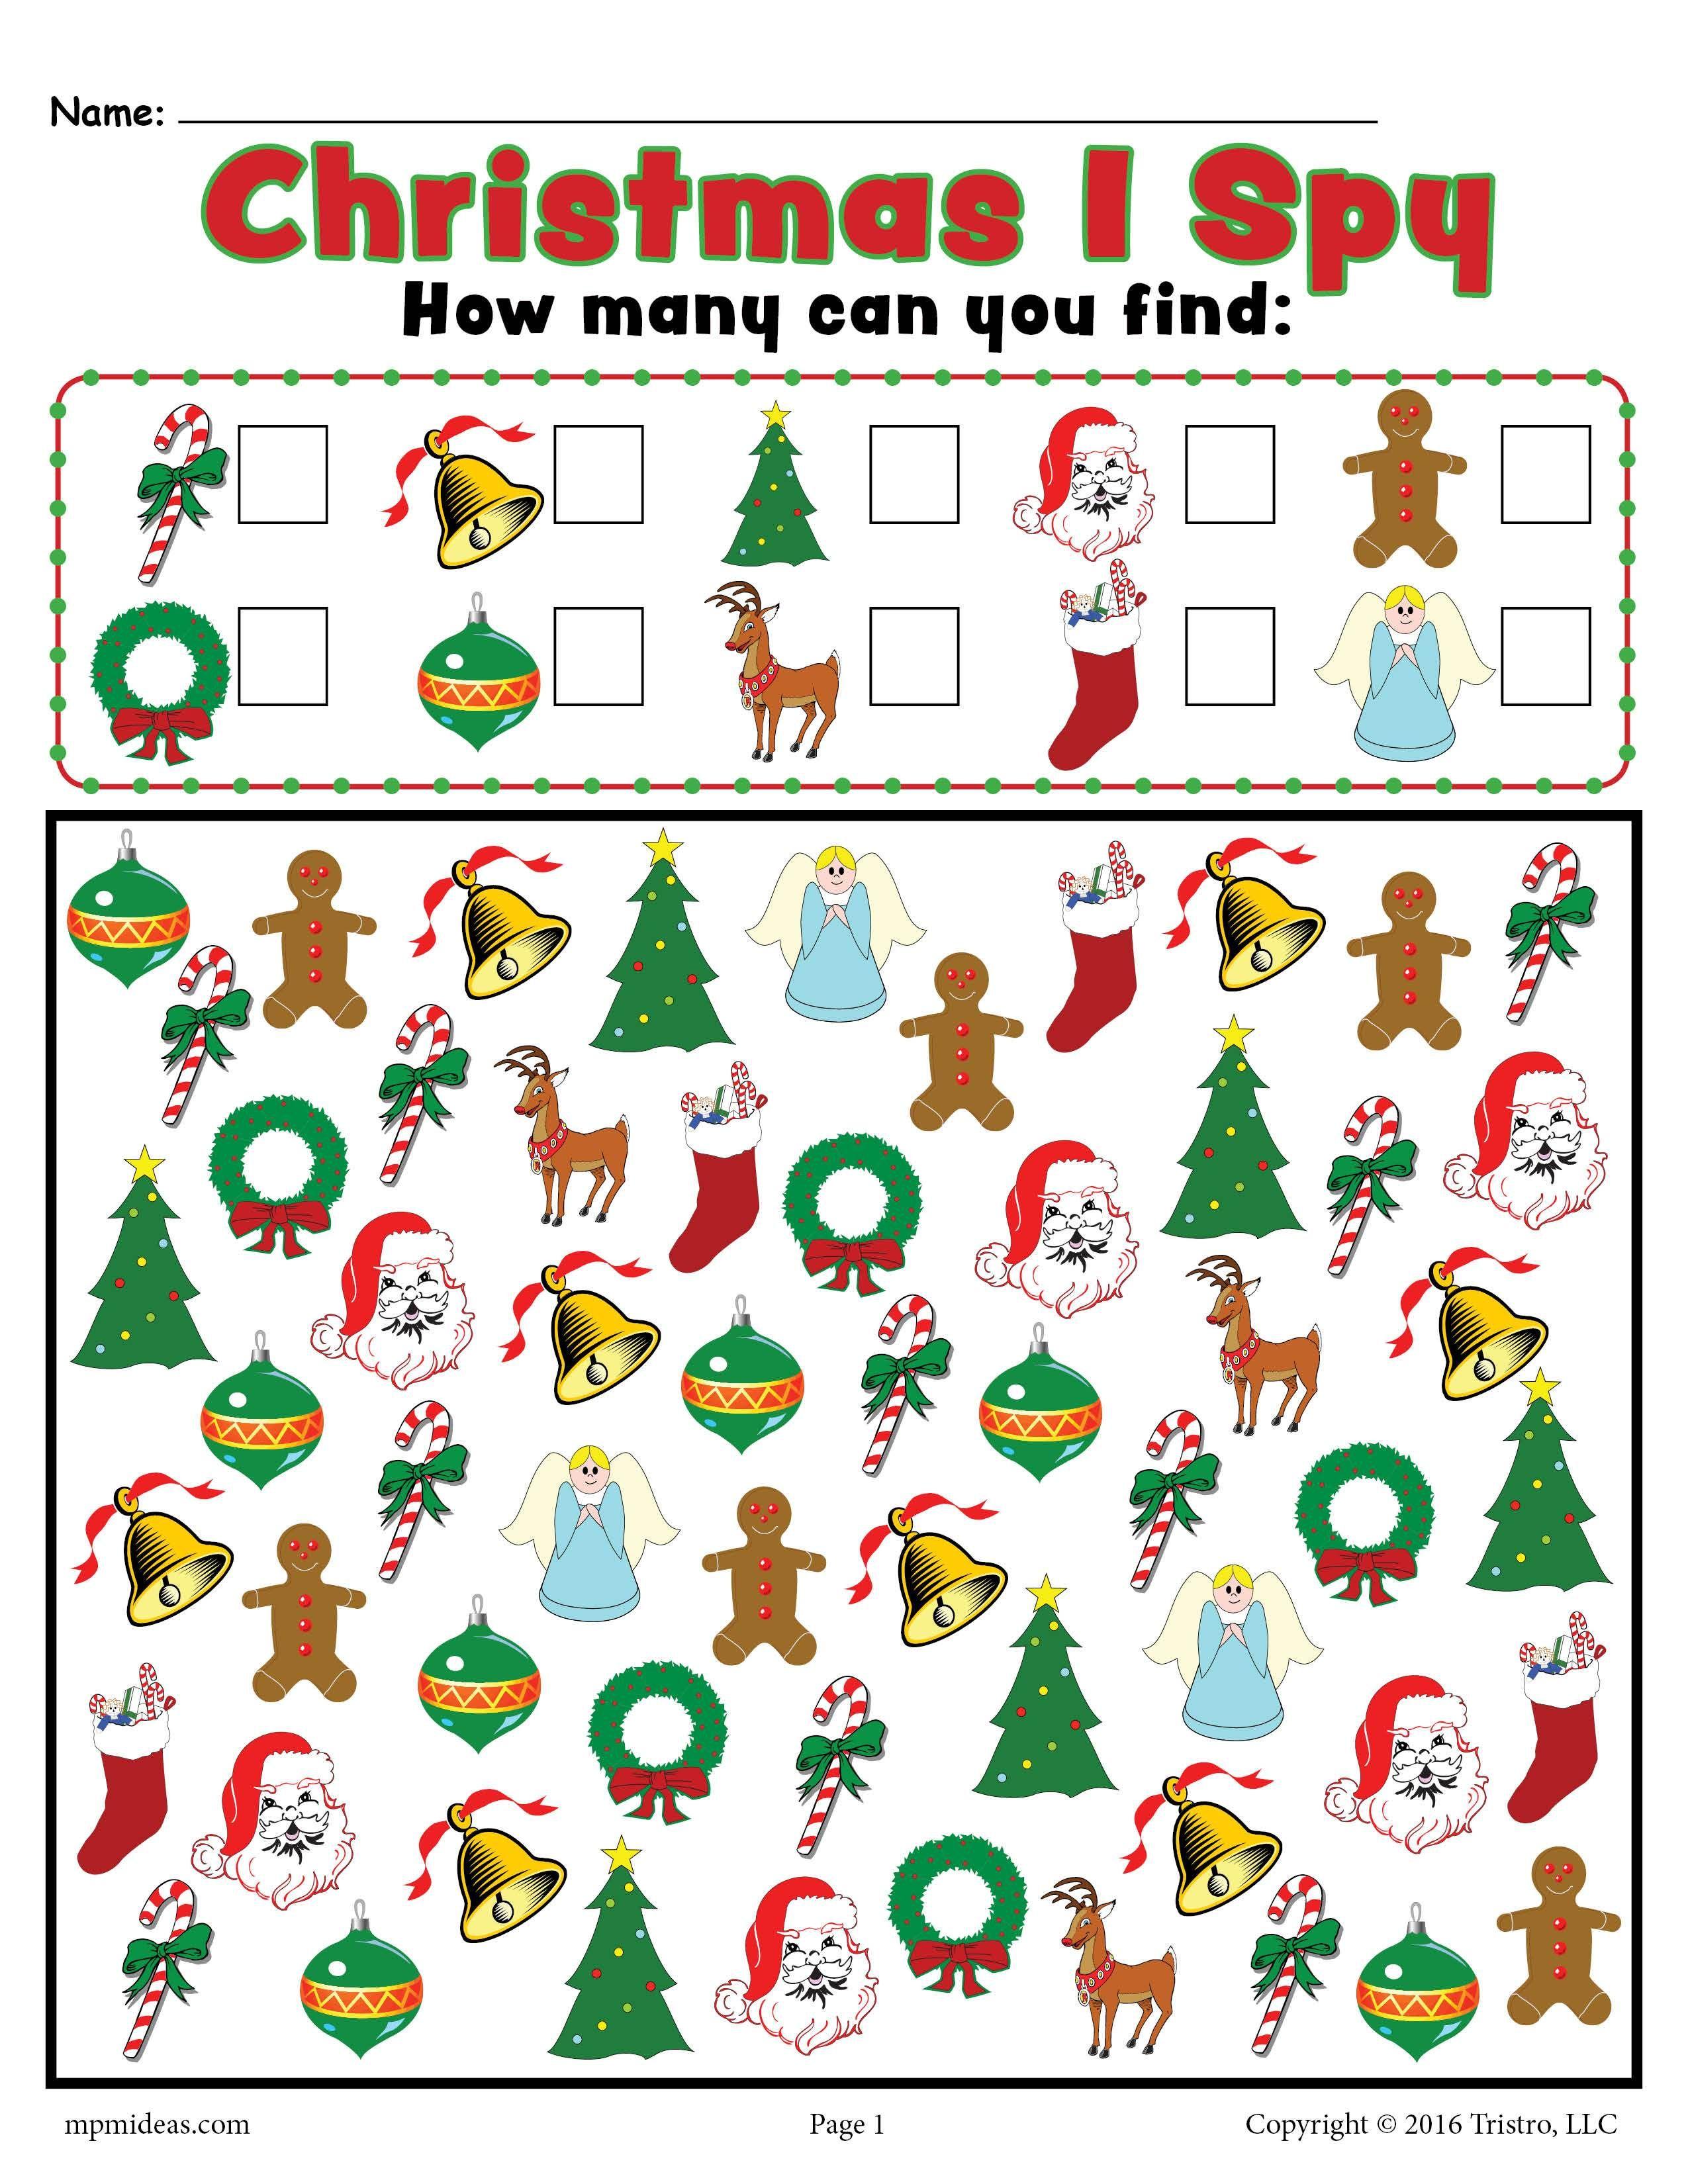 Christmas I Spy Printable Christmas Counting Worksheet Christmas Worksheets Christmas Kindergarten Preschool Christmas Crafts [ 3300 x 2550 Pixel ]